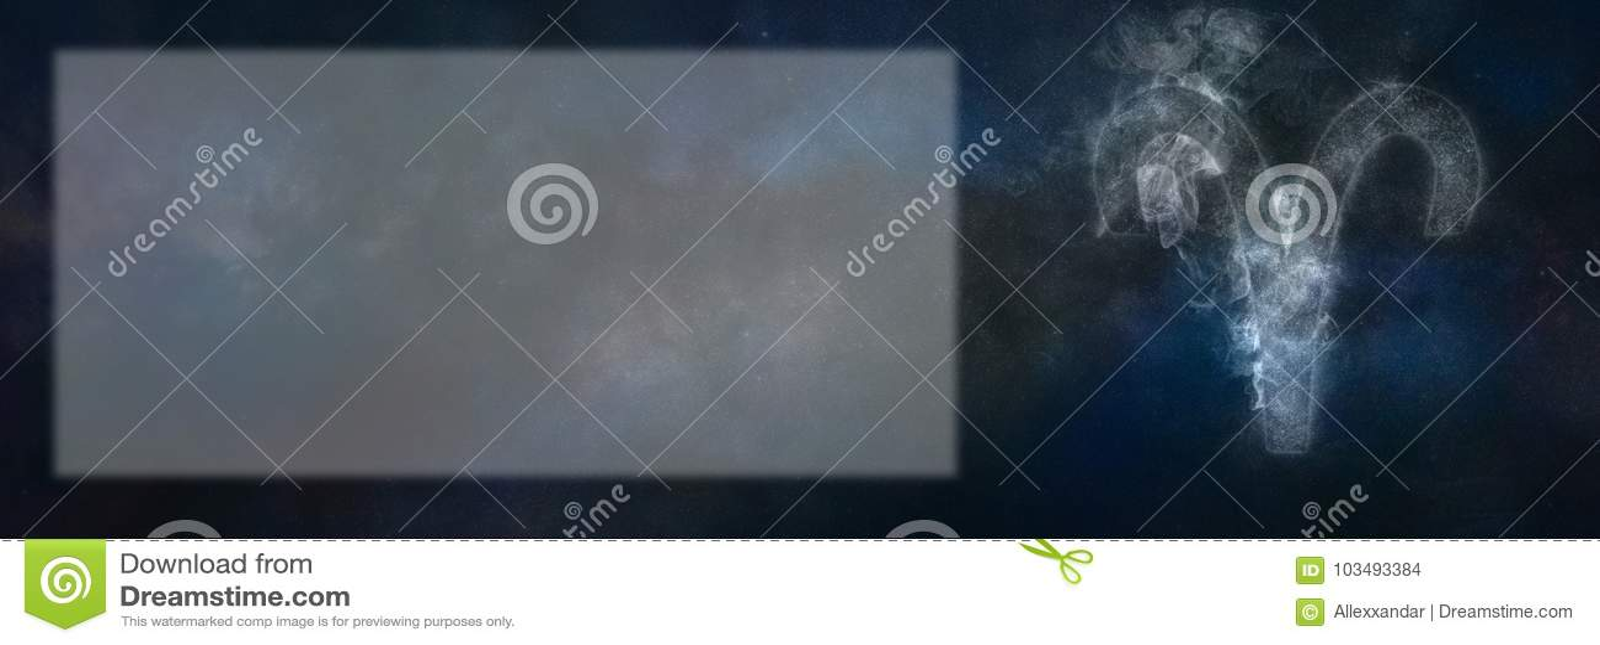 Aries Zodiac Sign Segno dell oroscopo dell Ariete Stanza del testo del modello